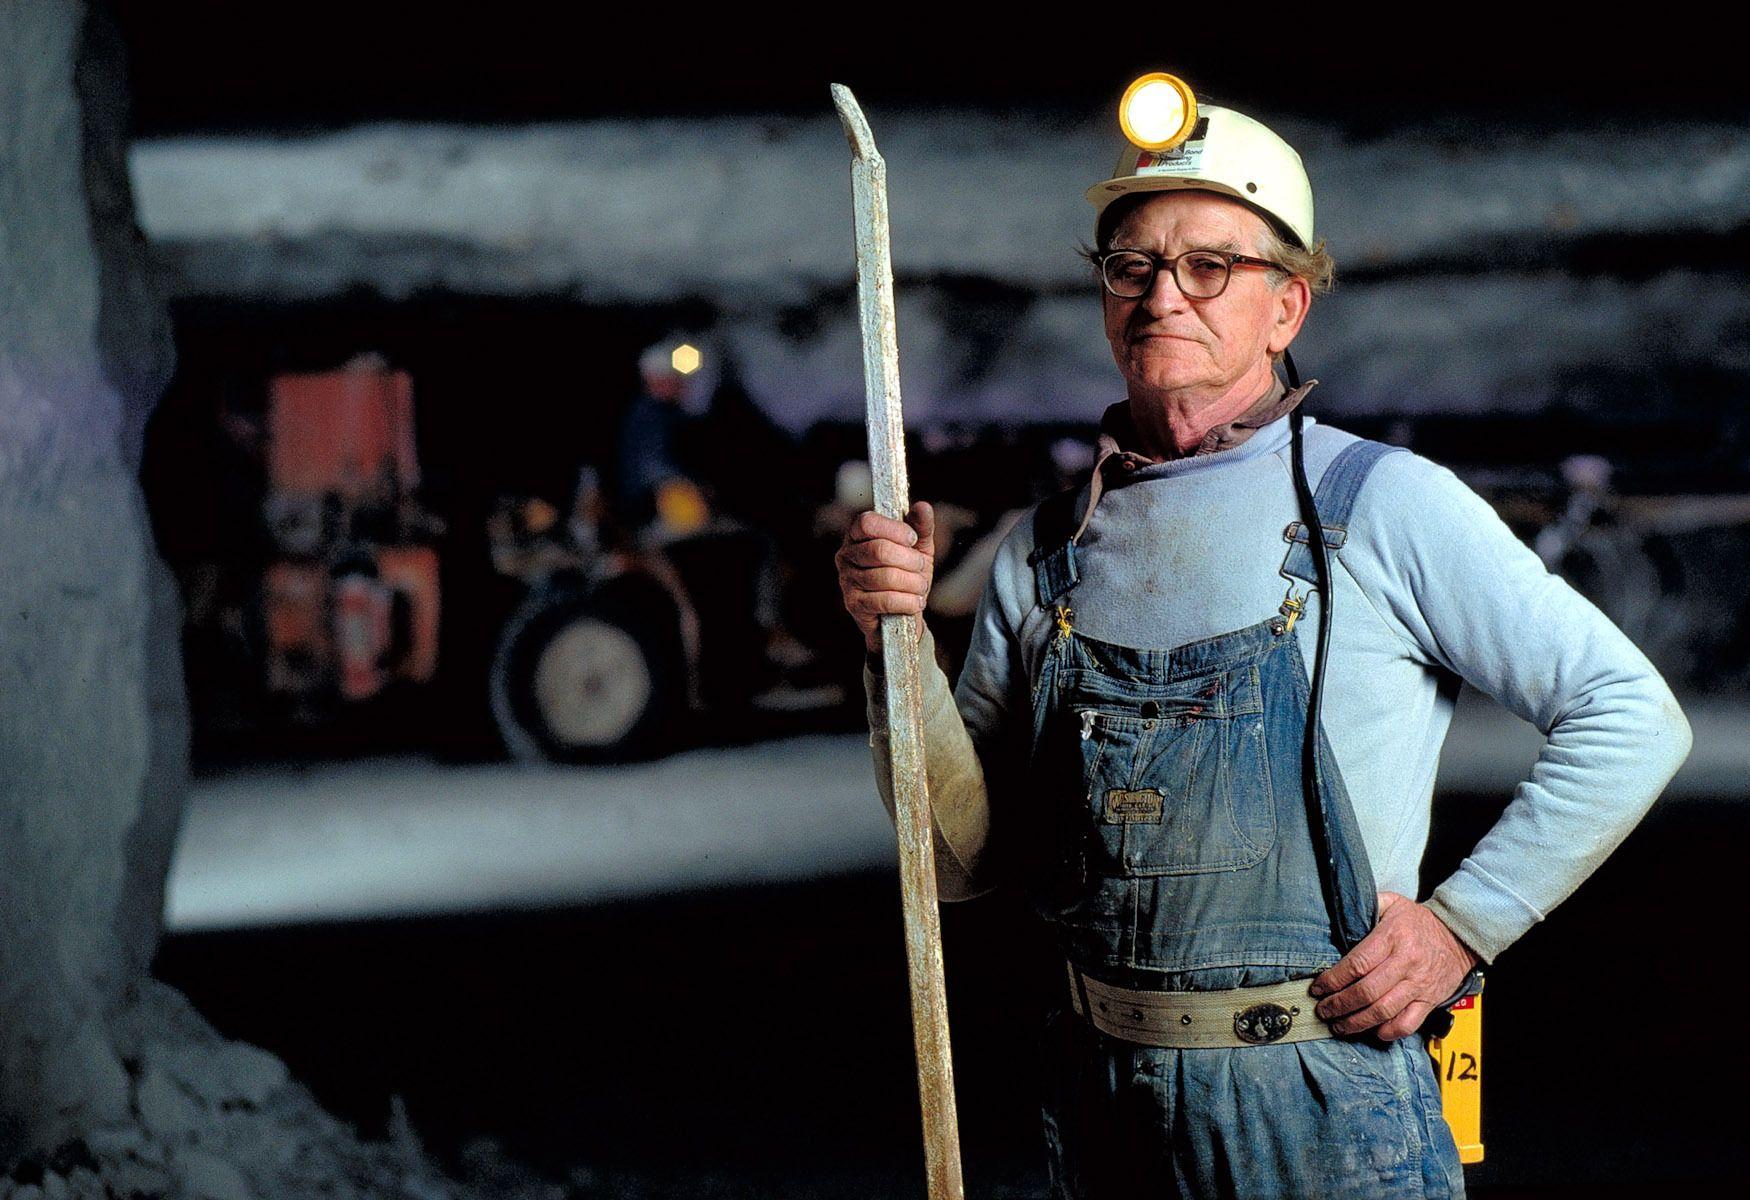 Gypsum Miner